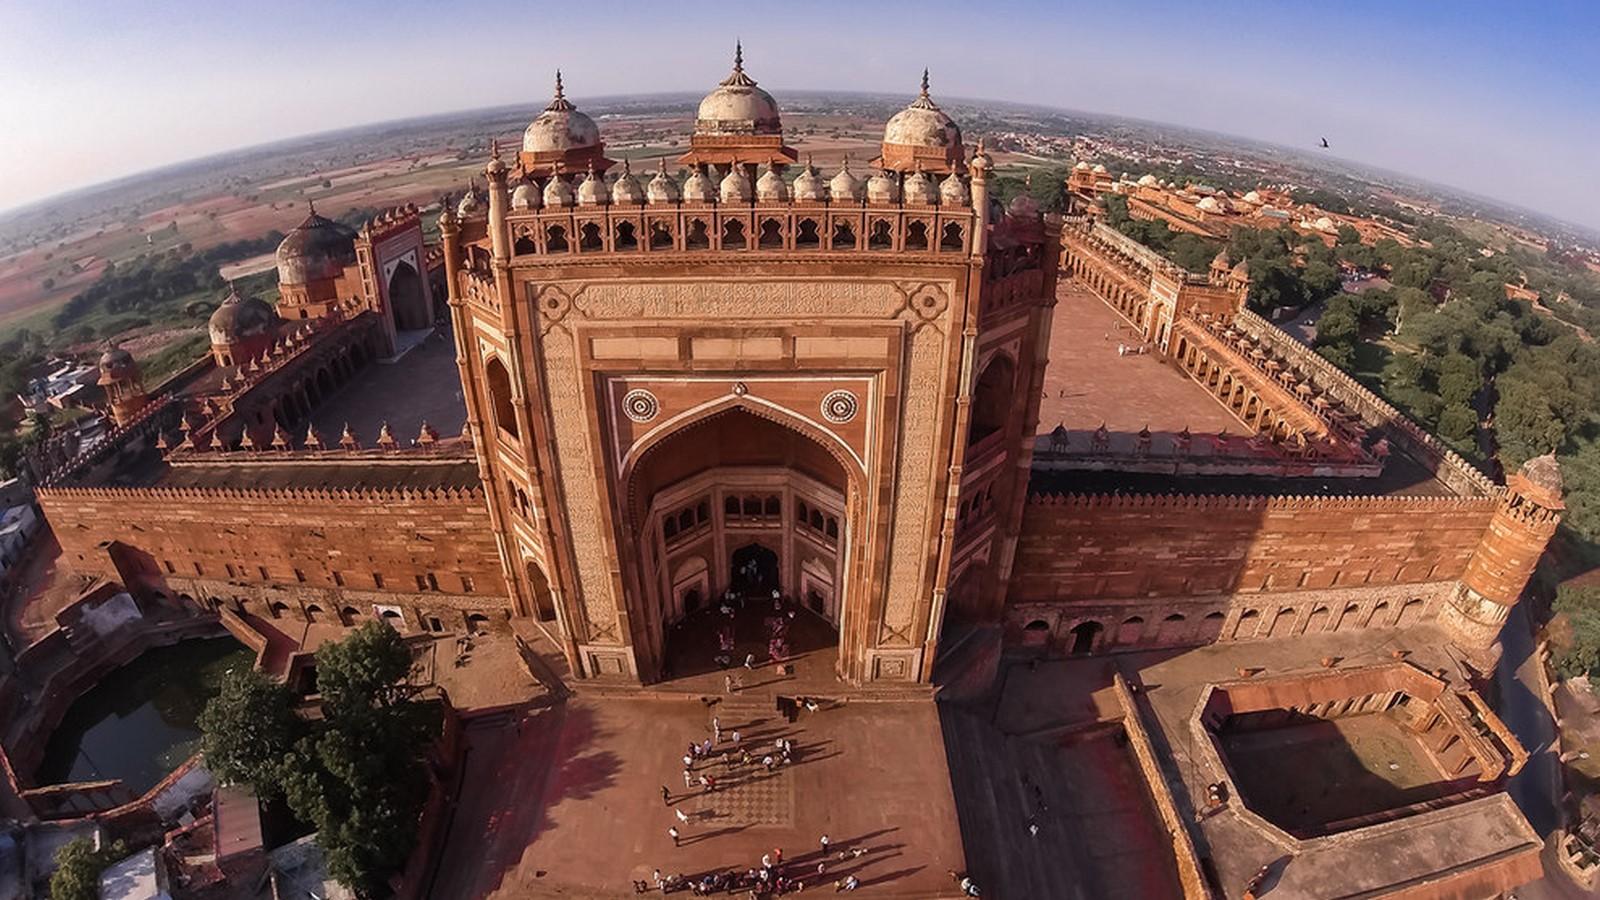 Fatehpur Sikri, Agra, Uttar Pradesh - Sheet2